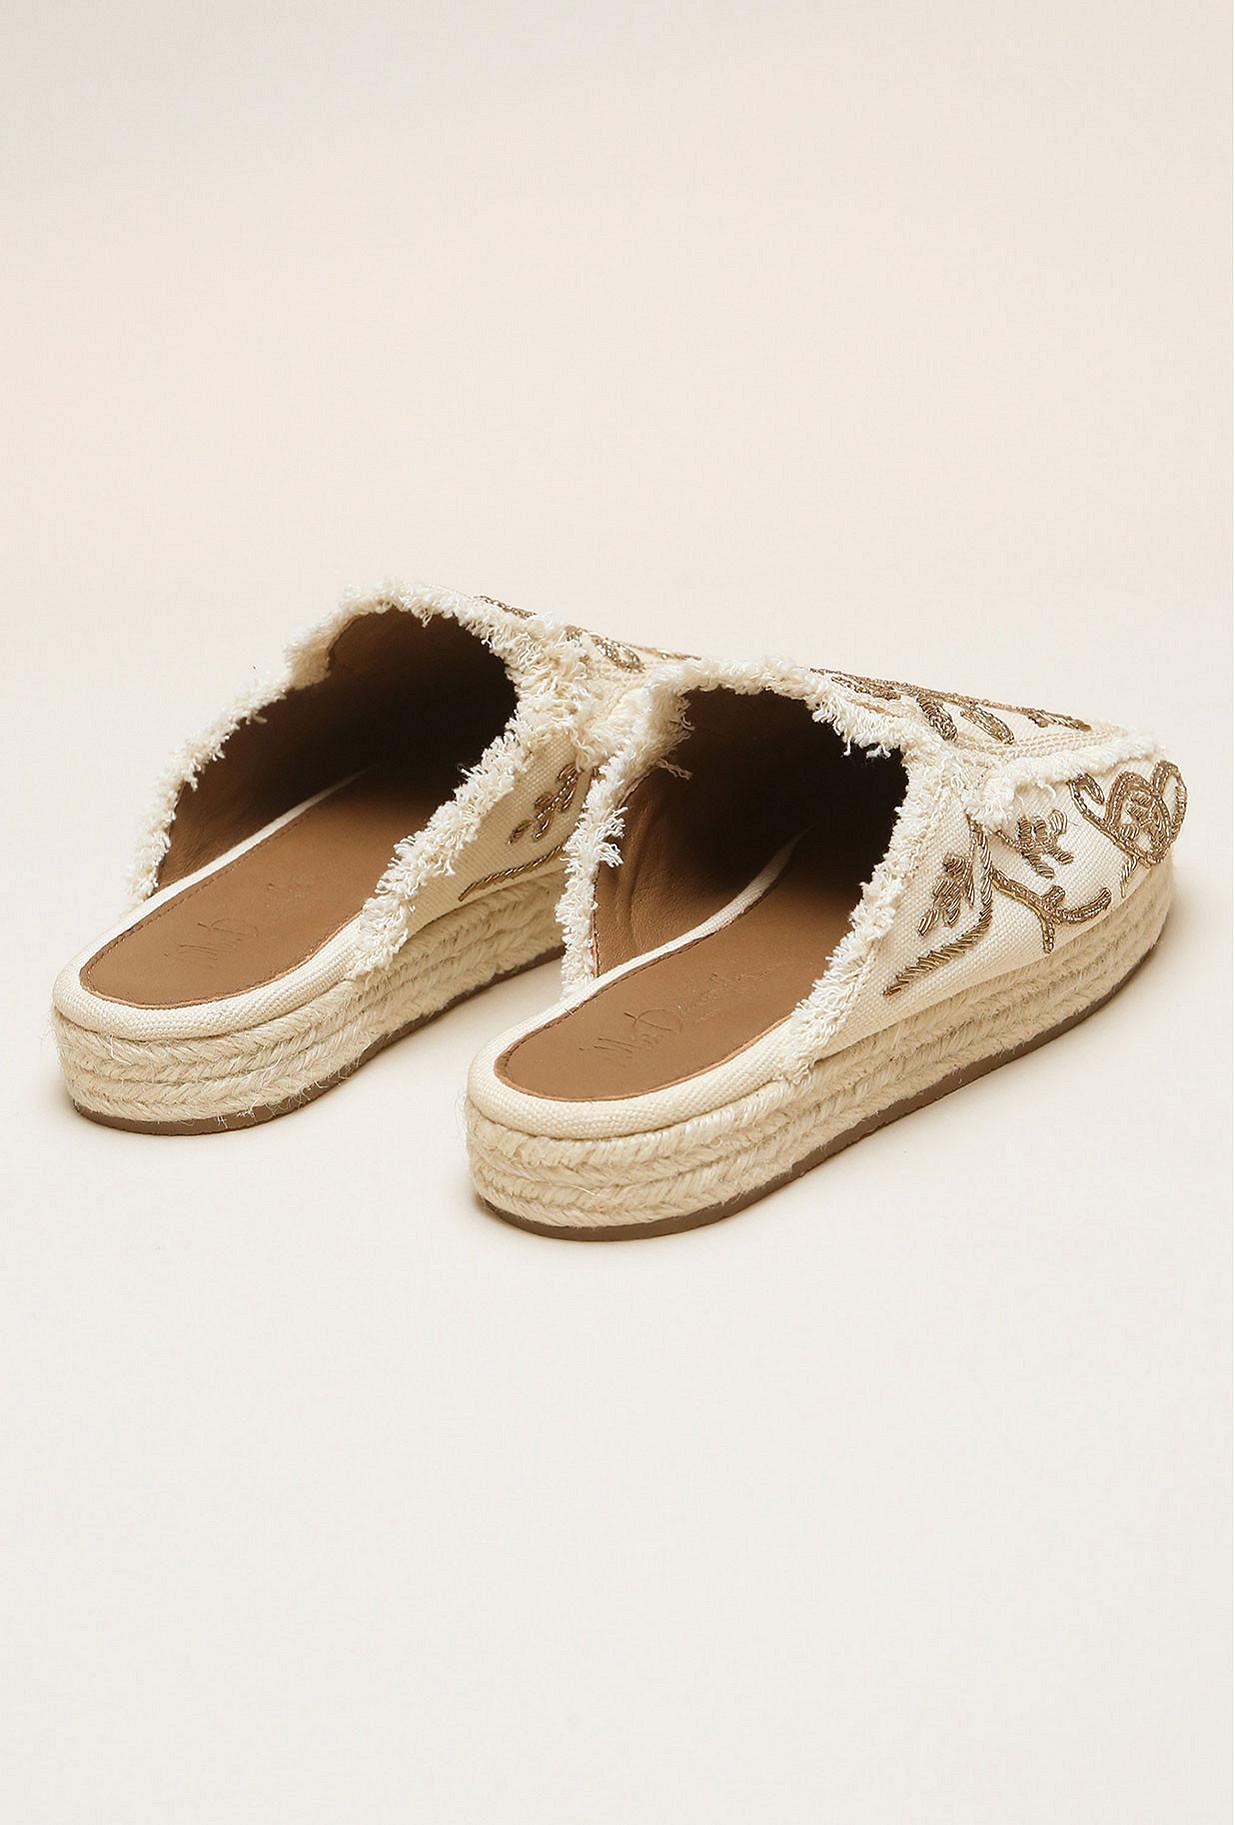 Paris clothes store Sandals  Givseppe french designer fashion Paris